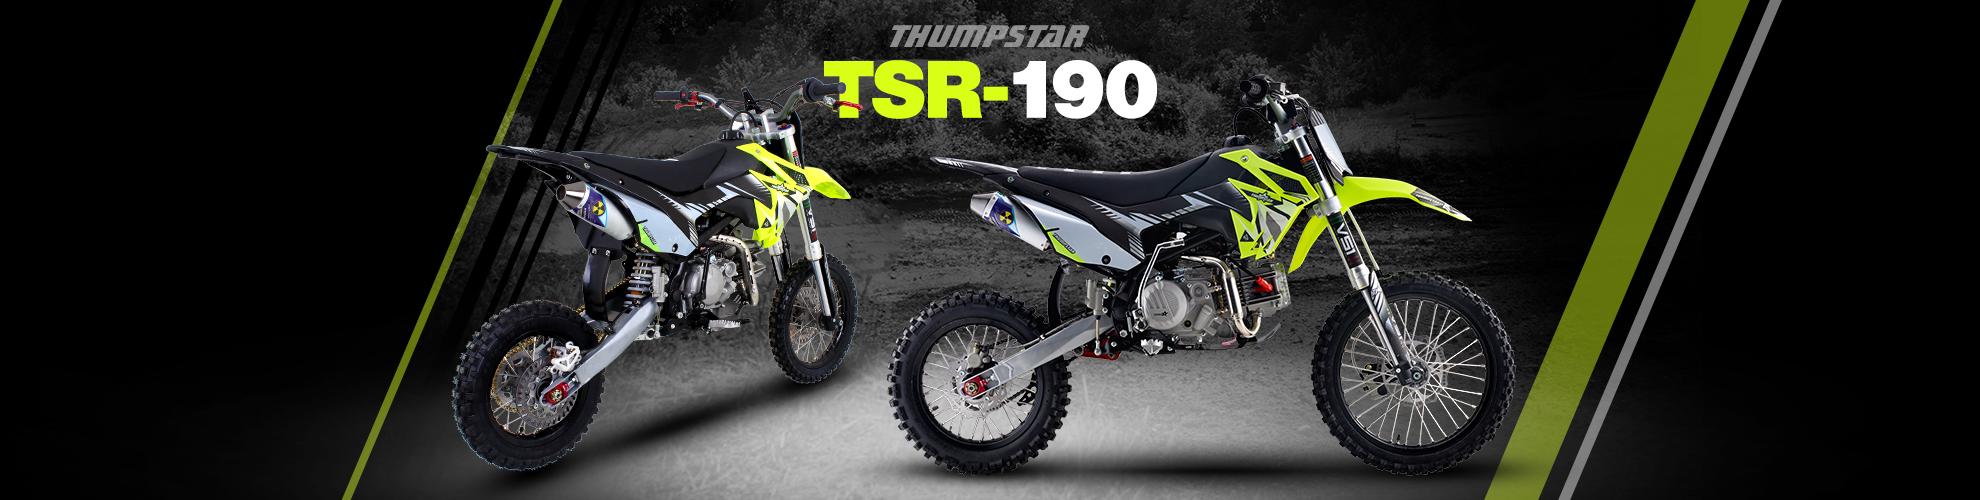 Thumpstar - TSR 190cc Daytona Banner for Desktop